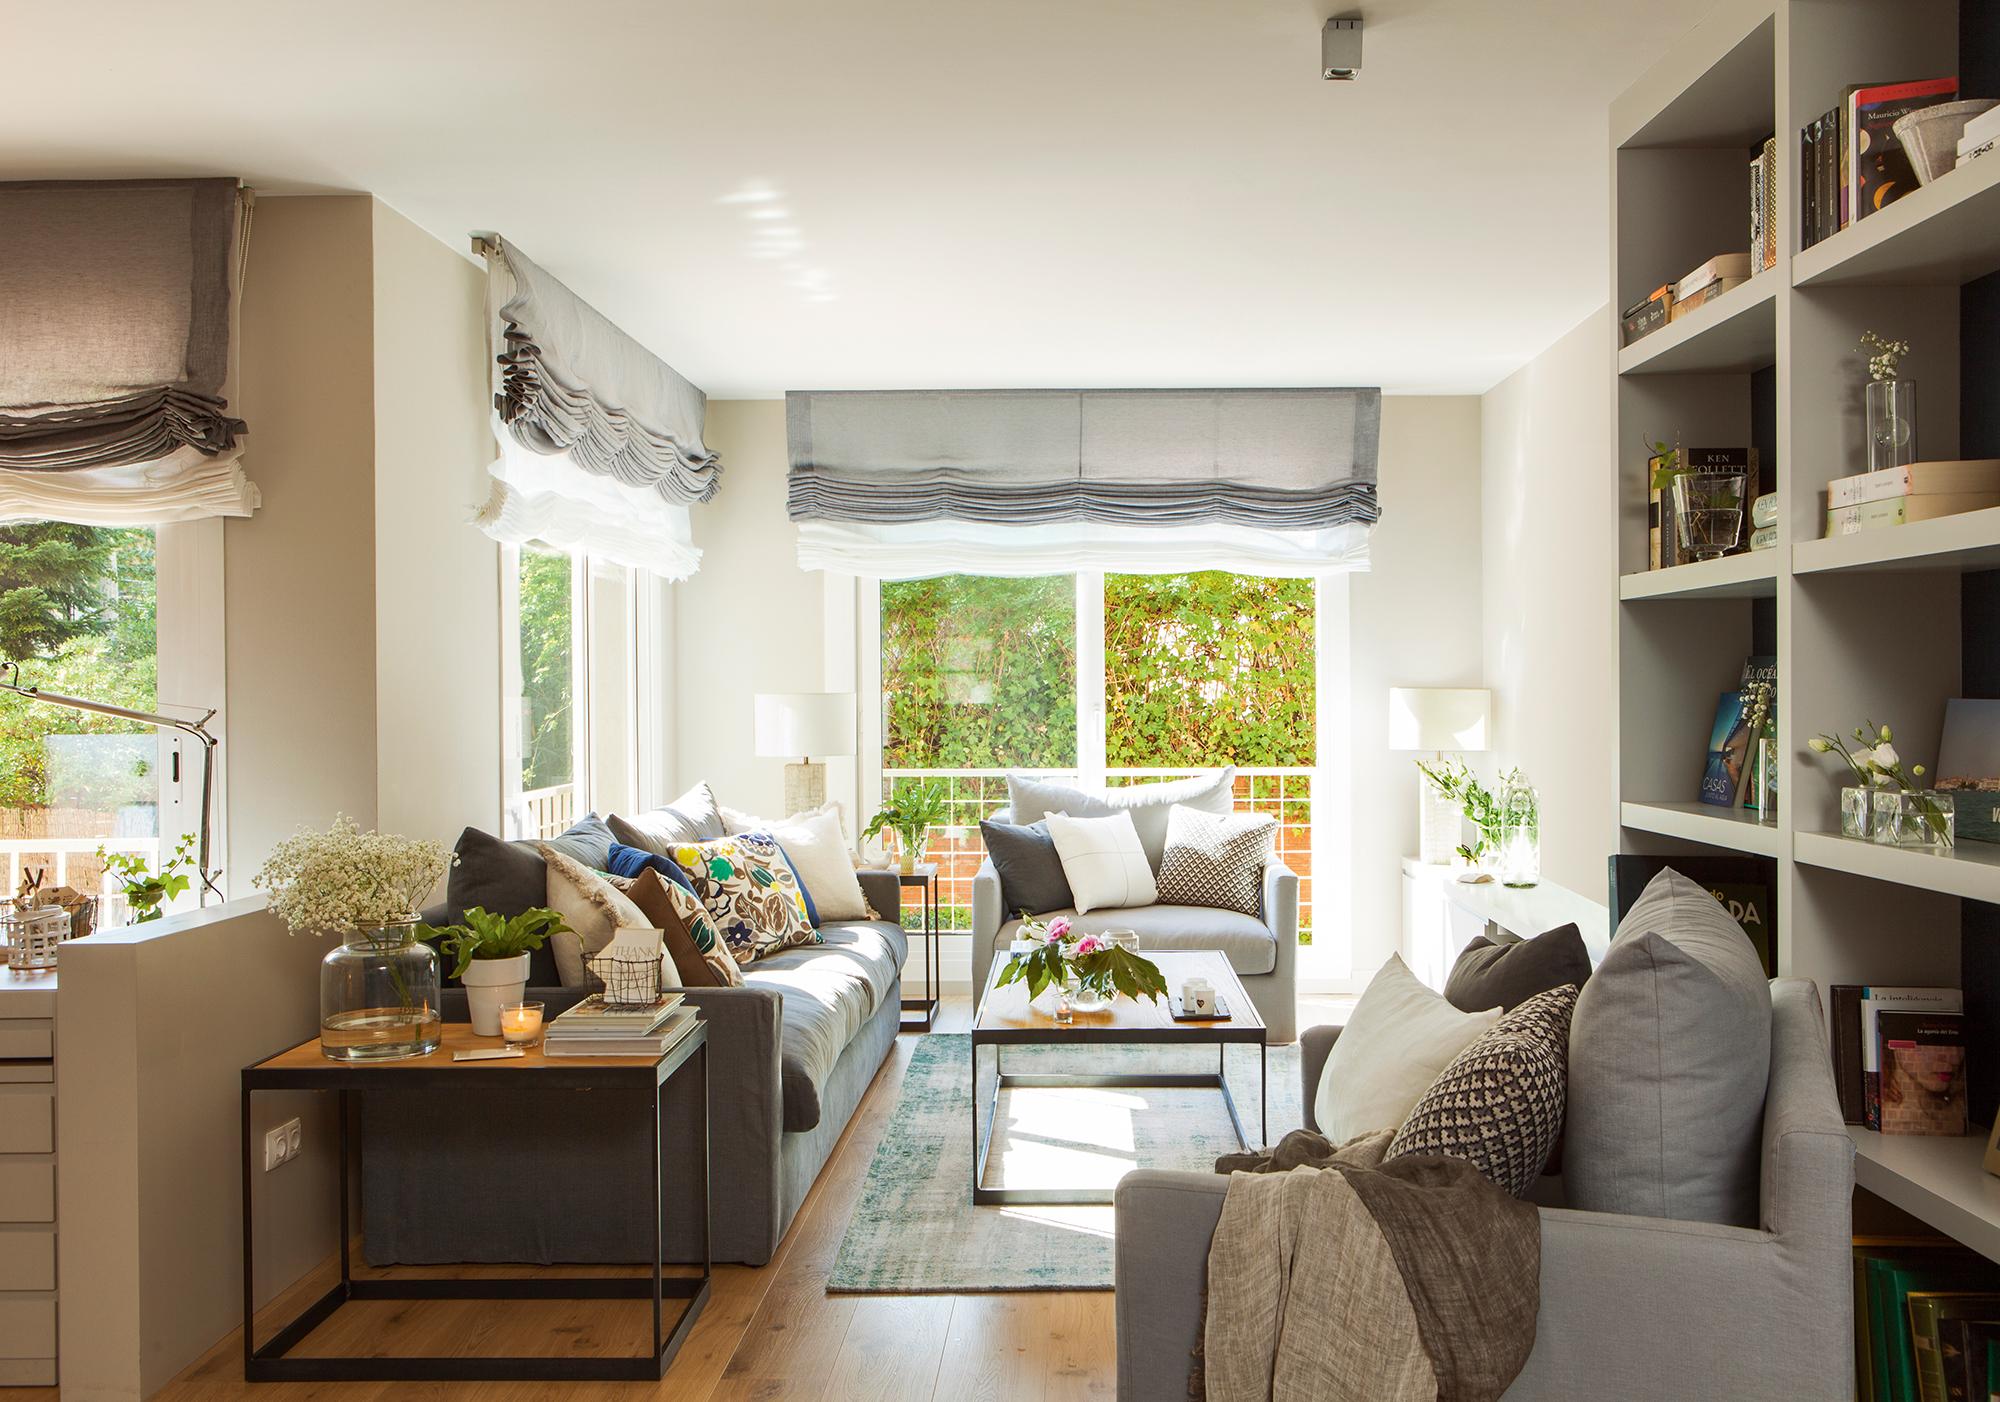 Estores o cortinas: tipos, ventajas y trucos para acertar y saber ...